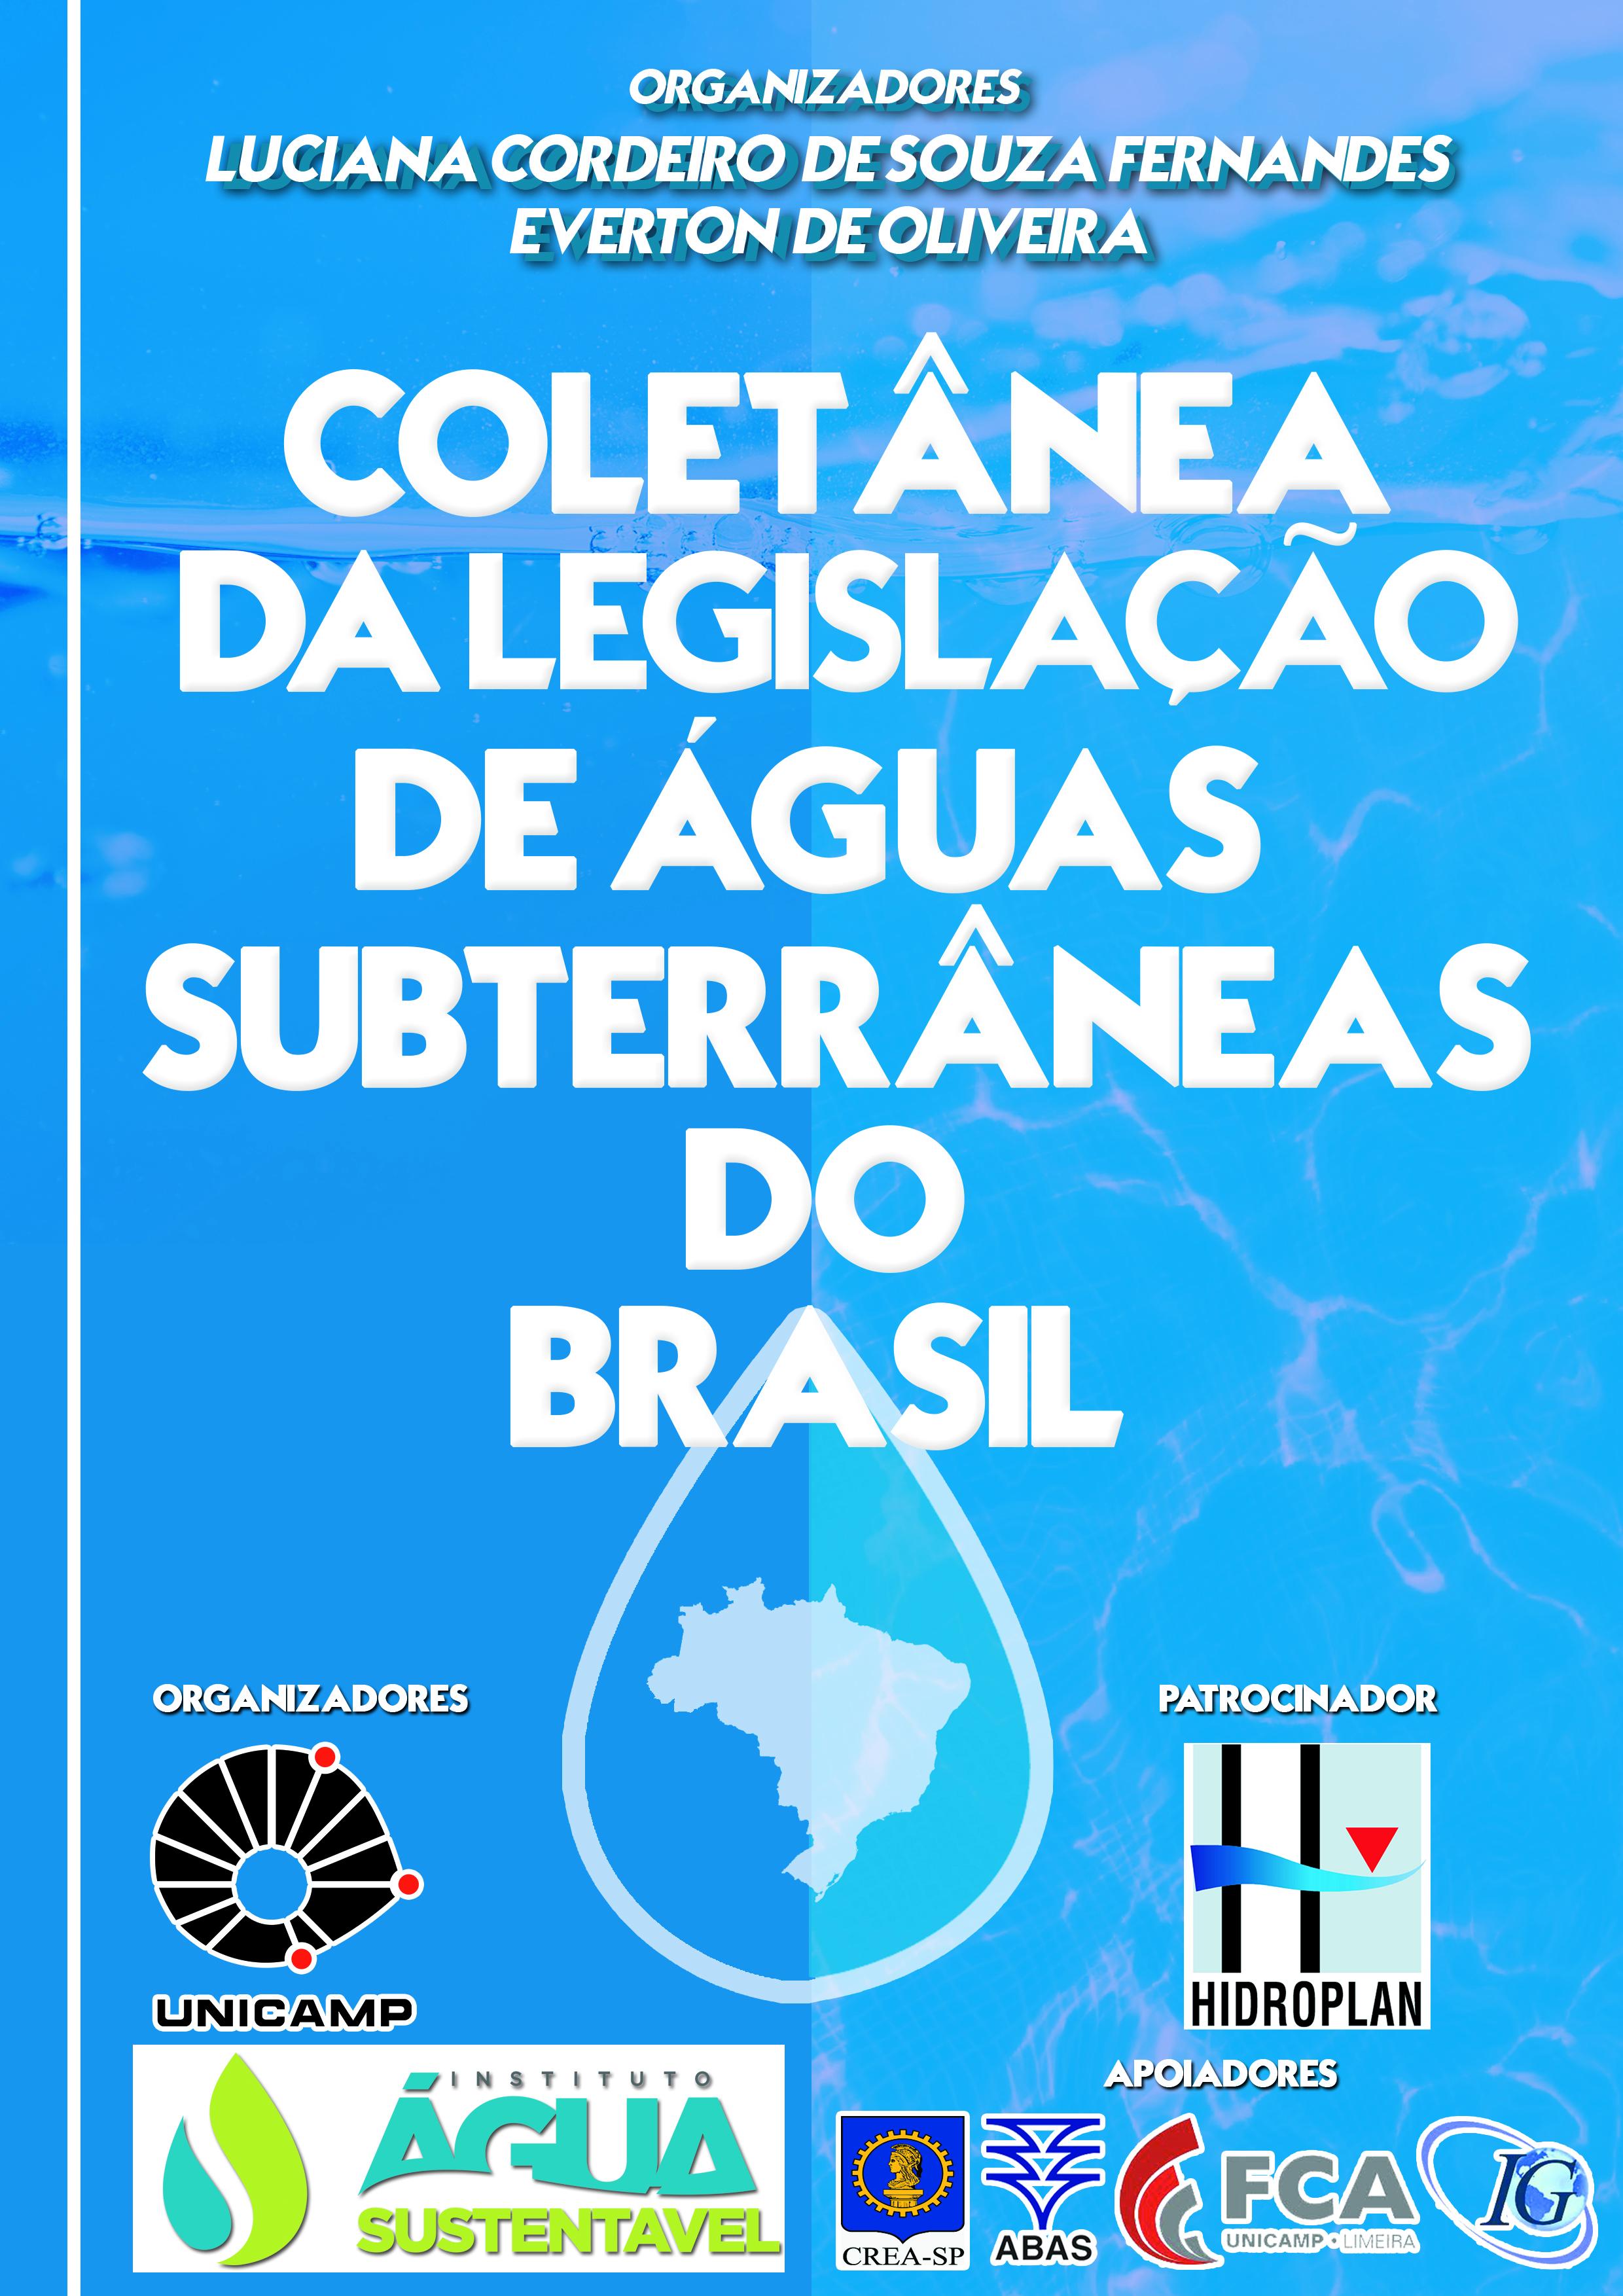 Coletânea de Legislação das Águas Subterrâneas do Brasil